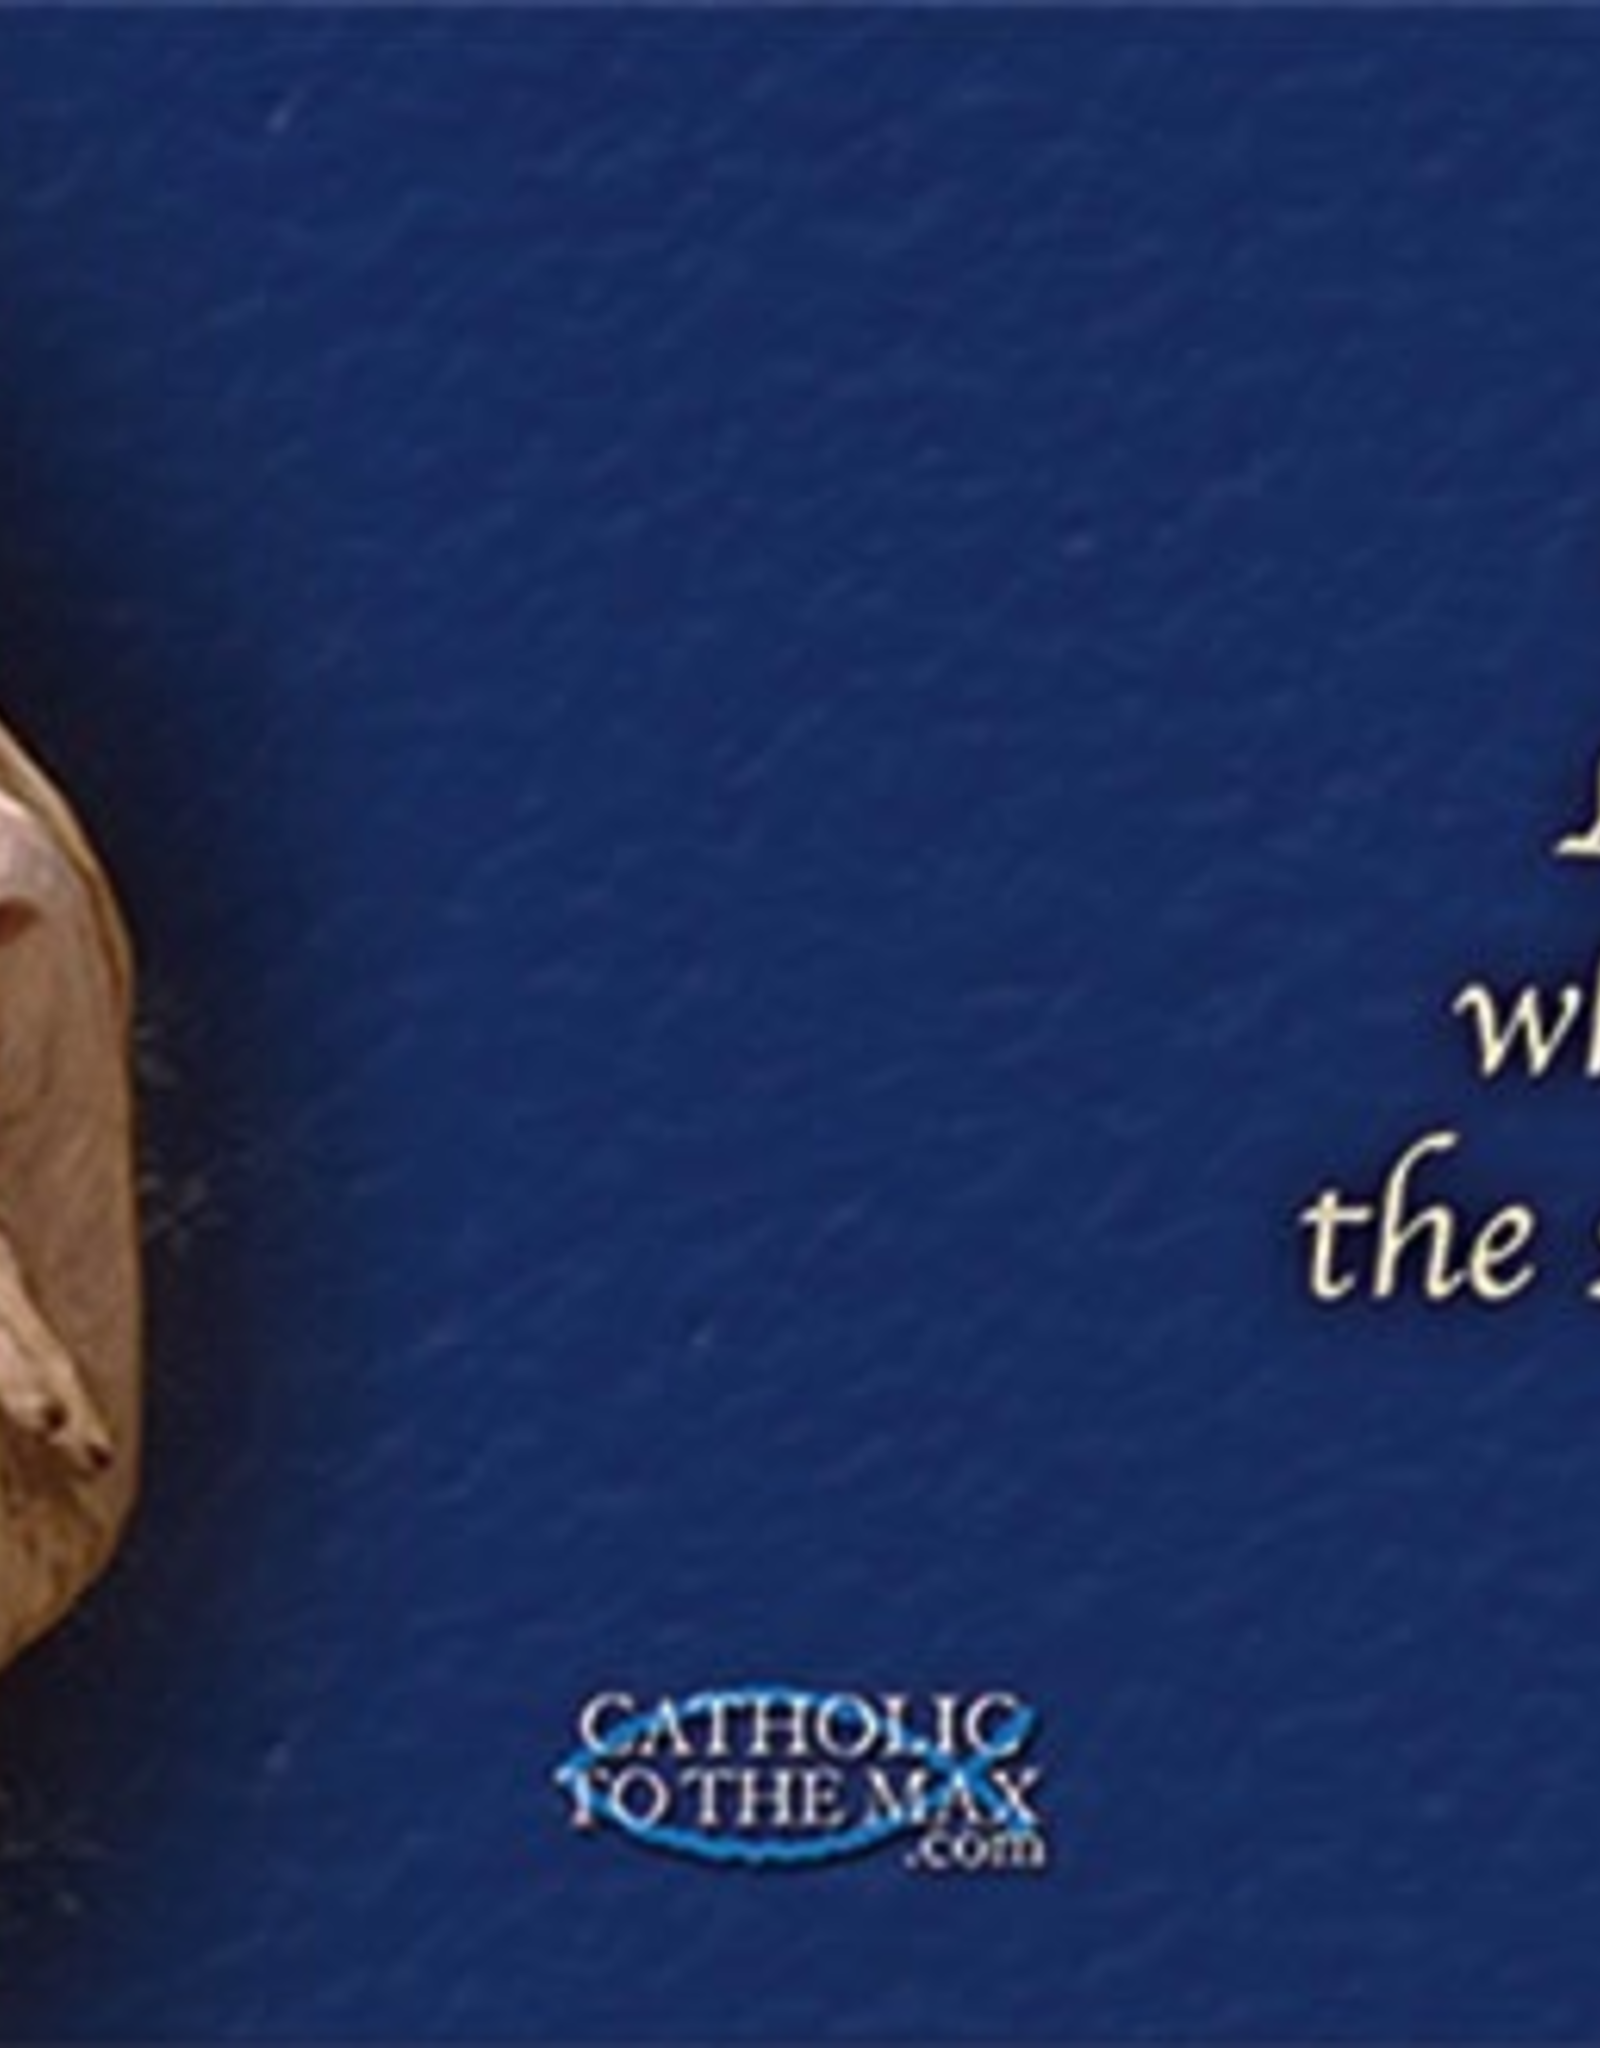 Nelson/Catholic to the Max L'Innocence Mug (Lamb of God)